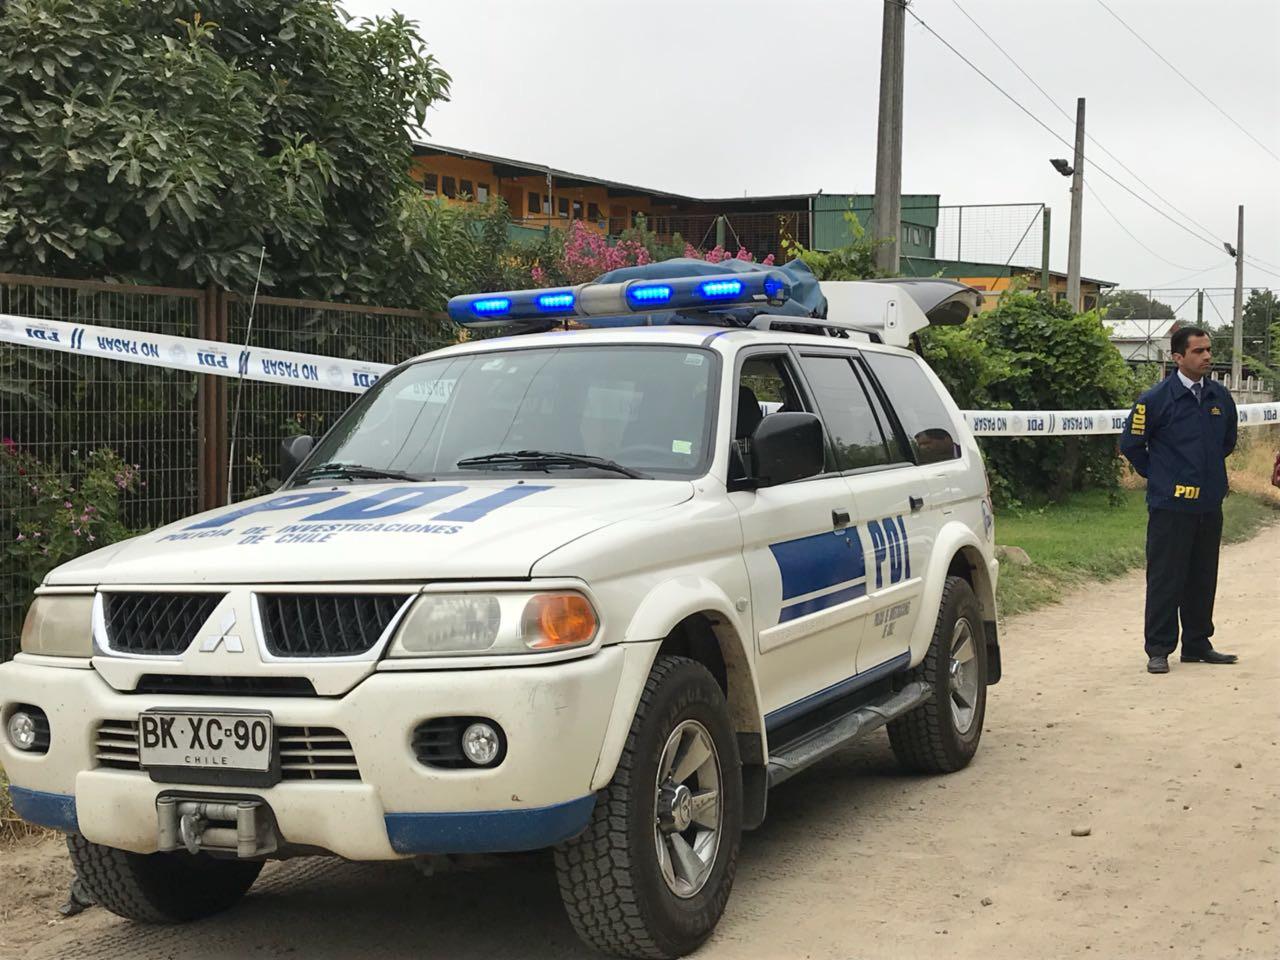 Homicidio en San Vicente: Encuentran muerta a mujer en cercanías de colegio y la PDI no descarta ataque sexual